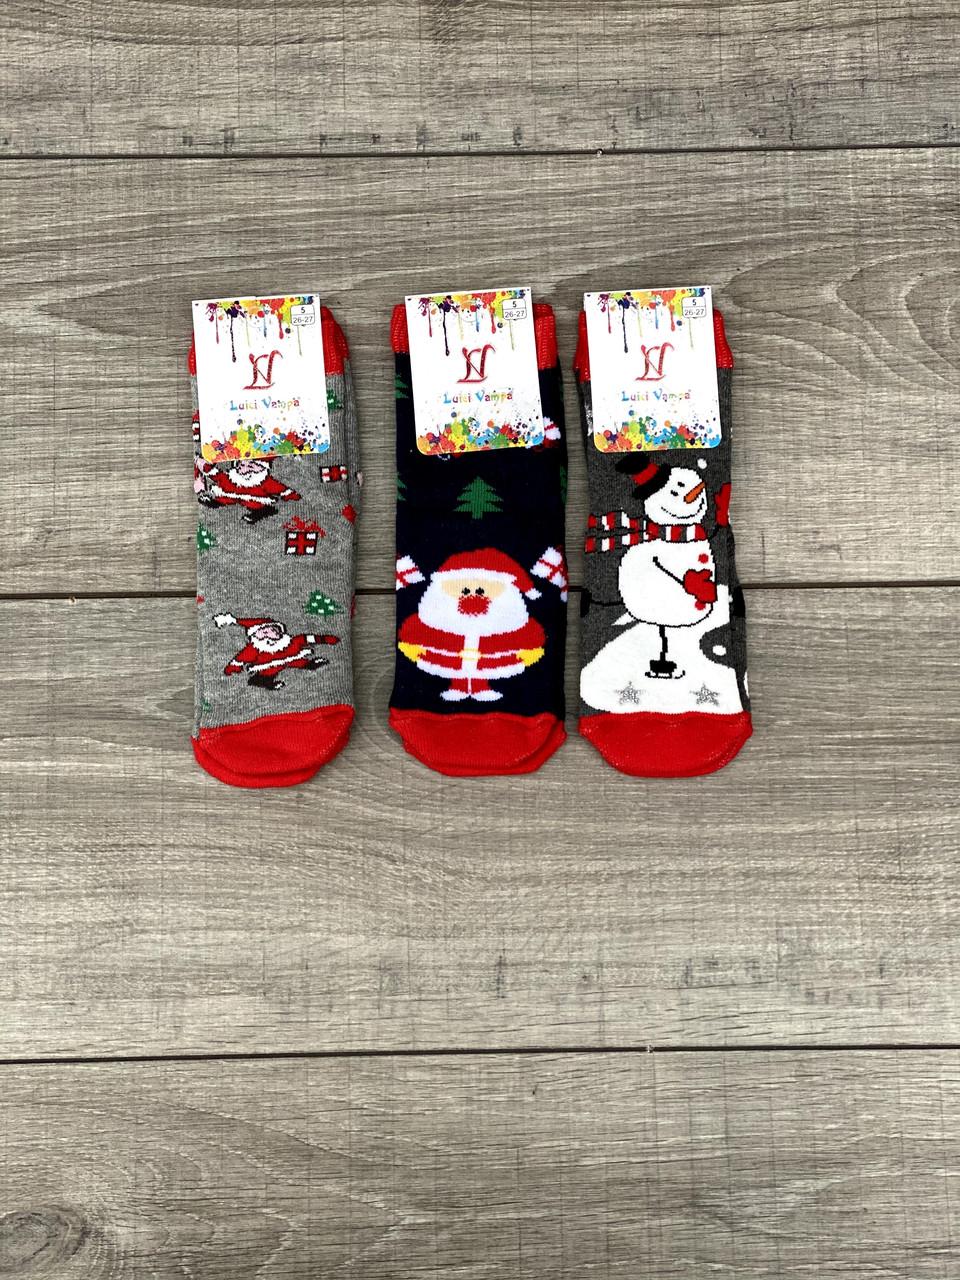 Дитячі новорічні носки шкарпетки махрові Luici vampa з новорічним принтом Санта Клаус сніговиком мікс кол